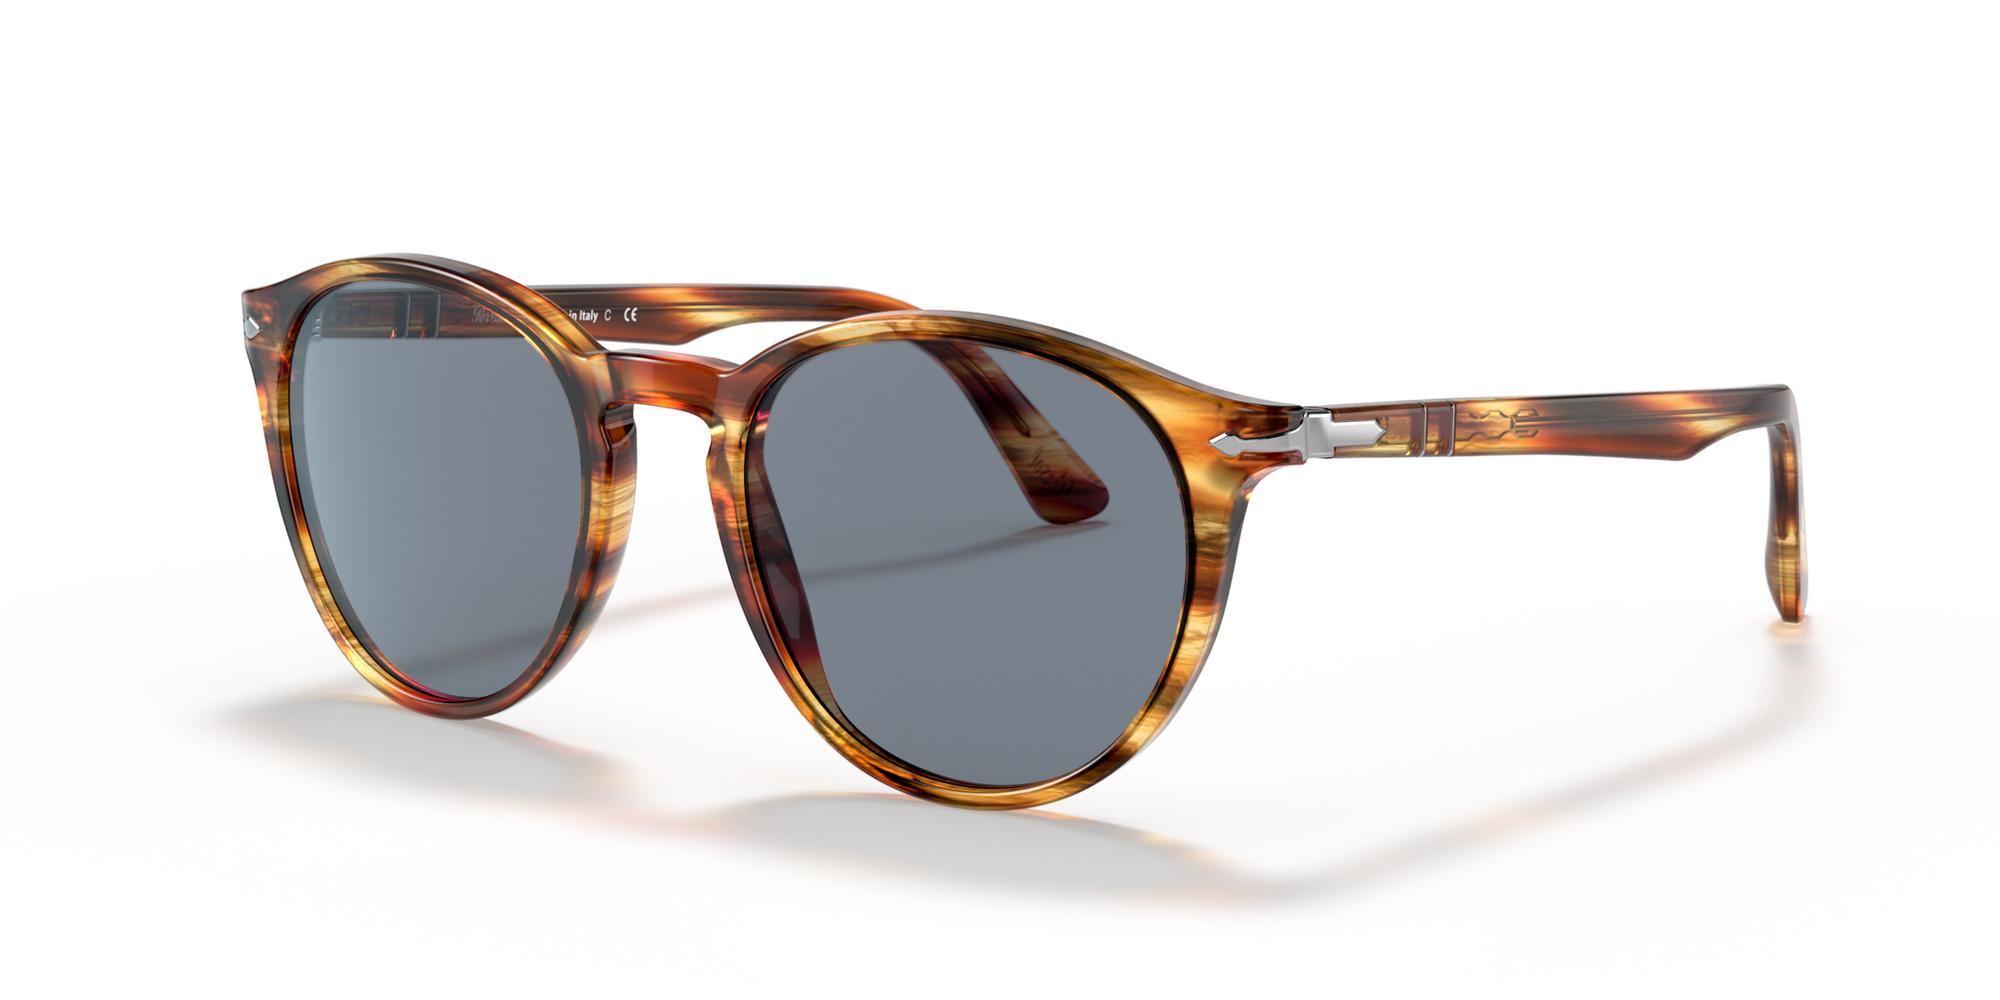 Persol Men Sunglasses Galleria 900  PO3152S 904356 52 Havana Frame Blue Lenses